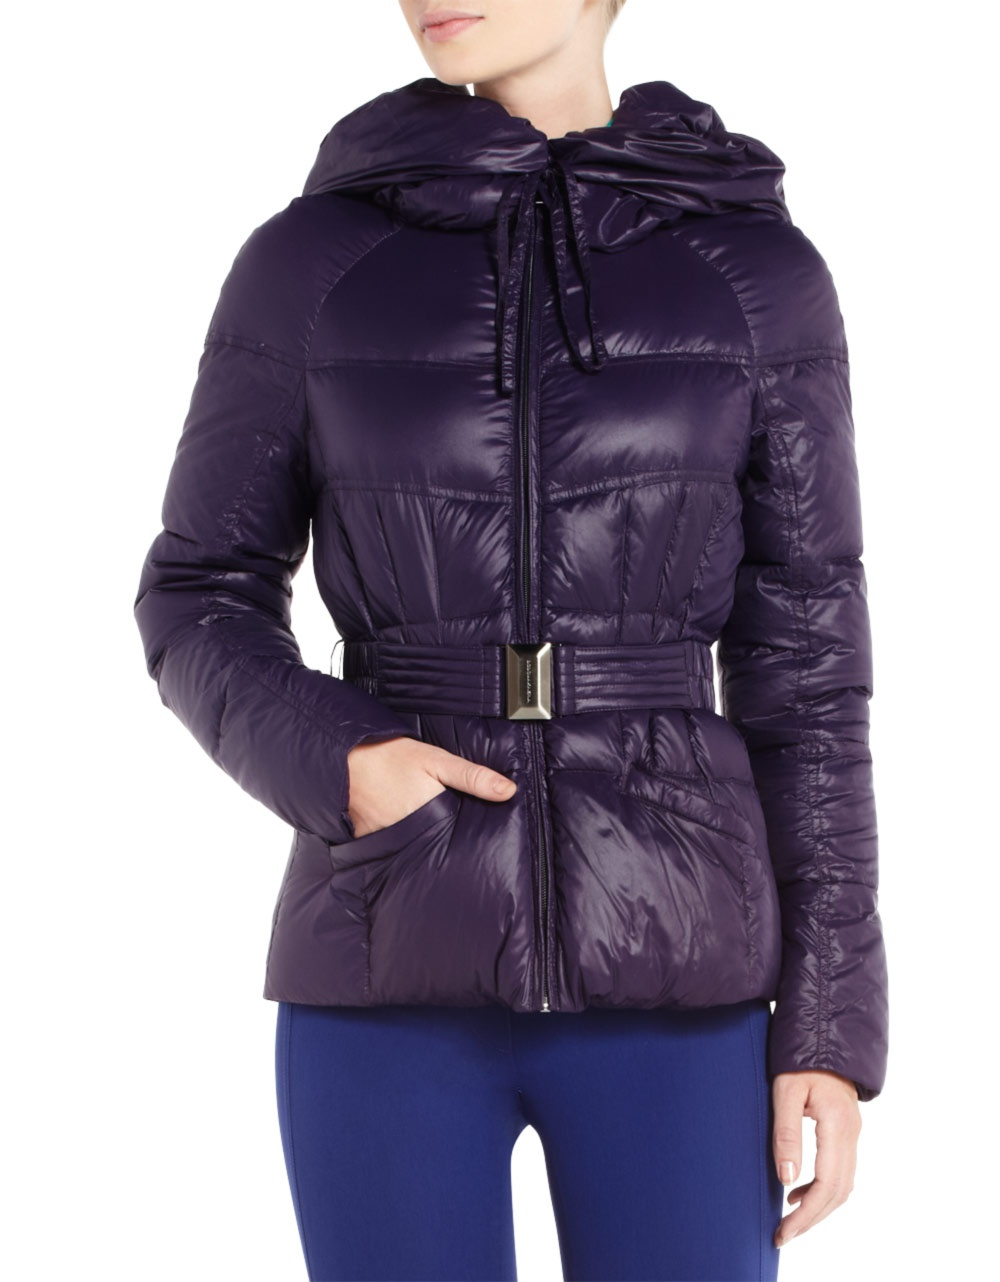 Куртка Bcbg max azria, S